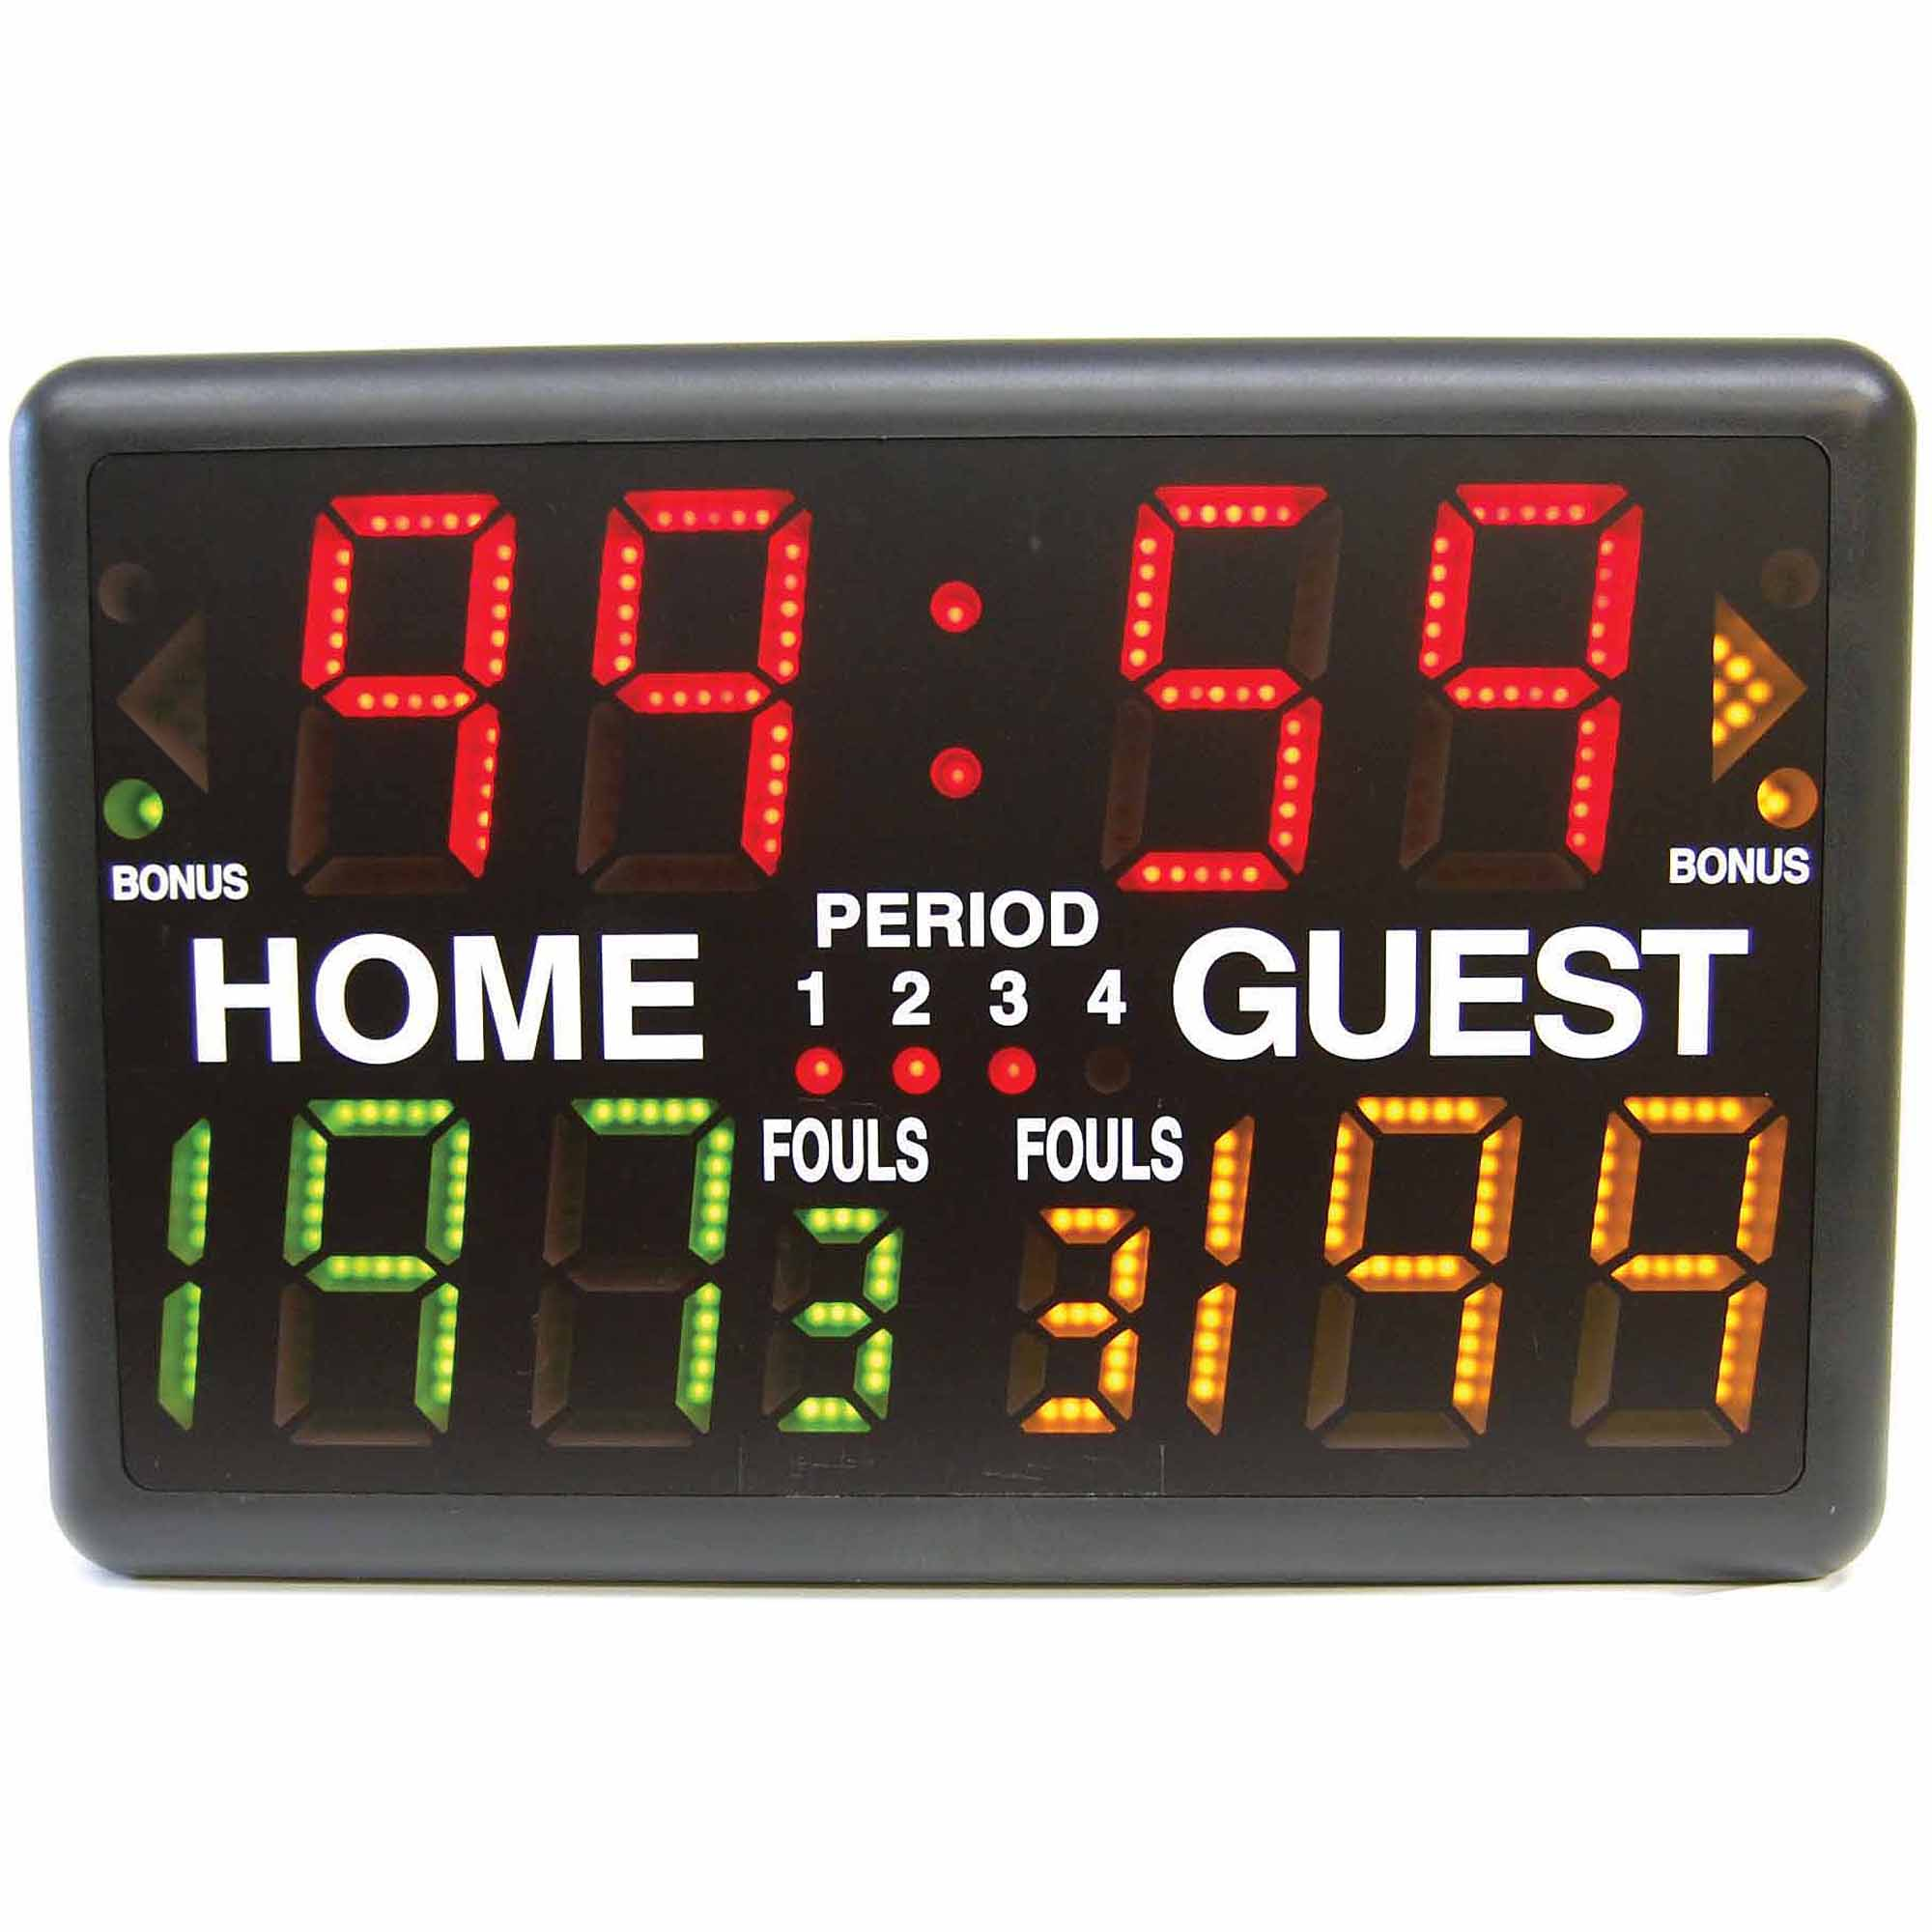 Multi-Sport Indoor Scorer and Timer